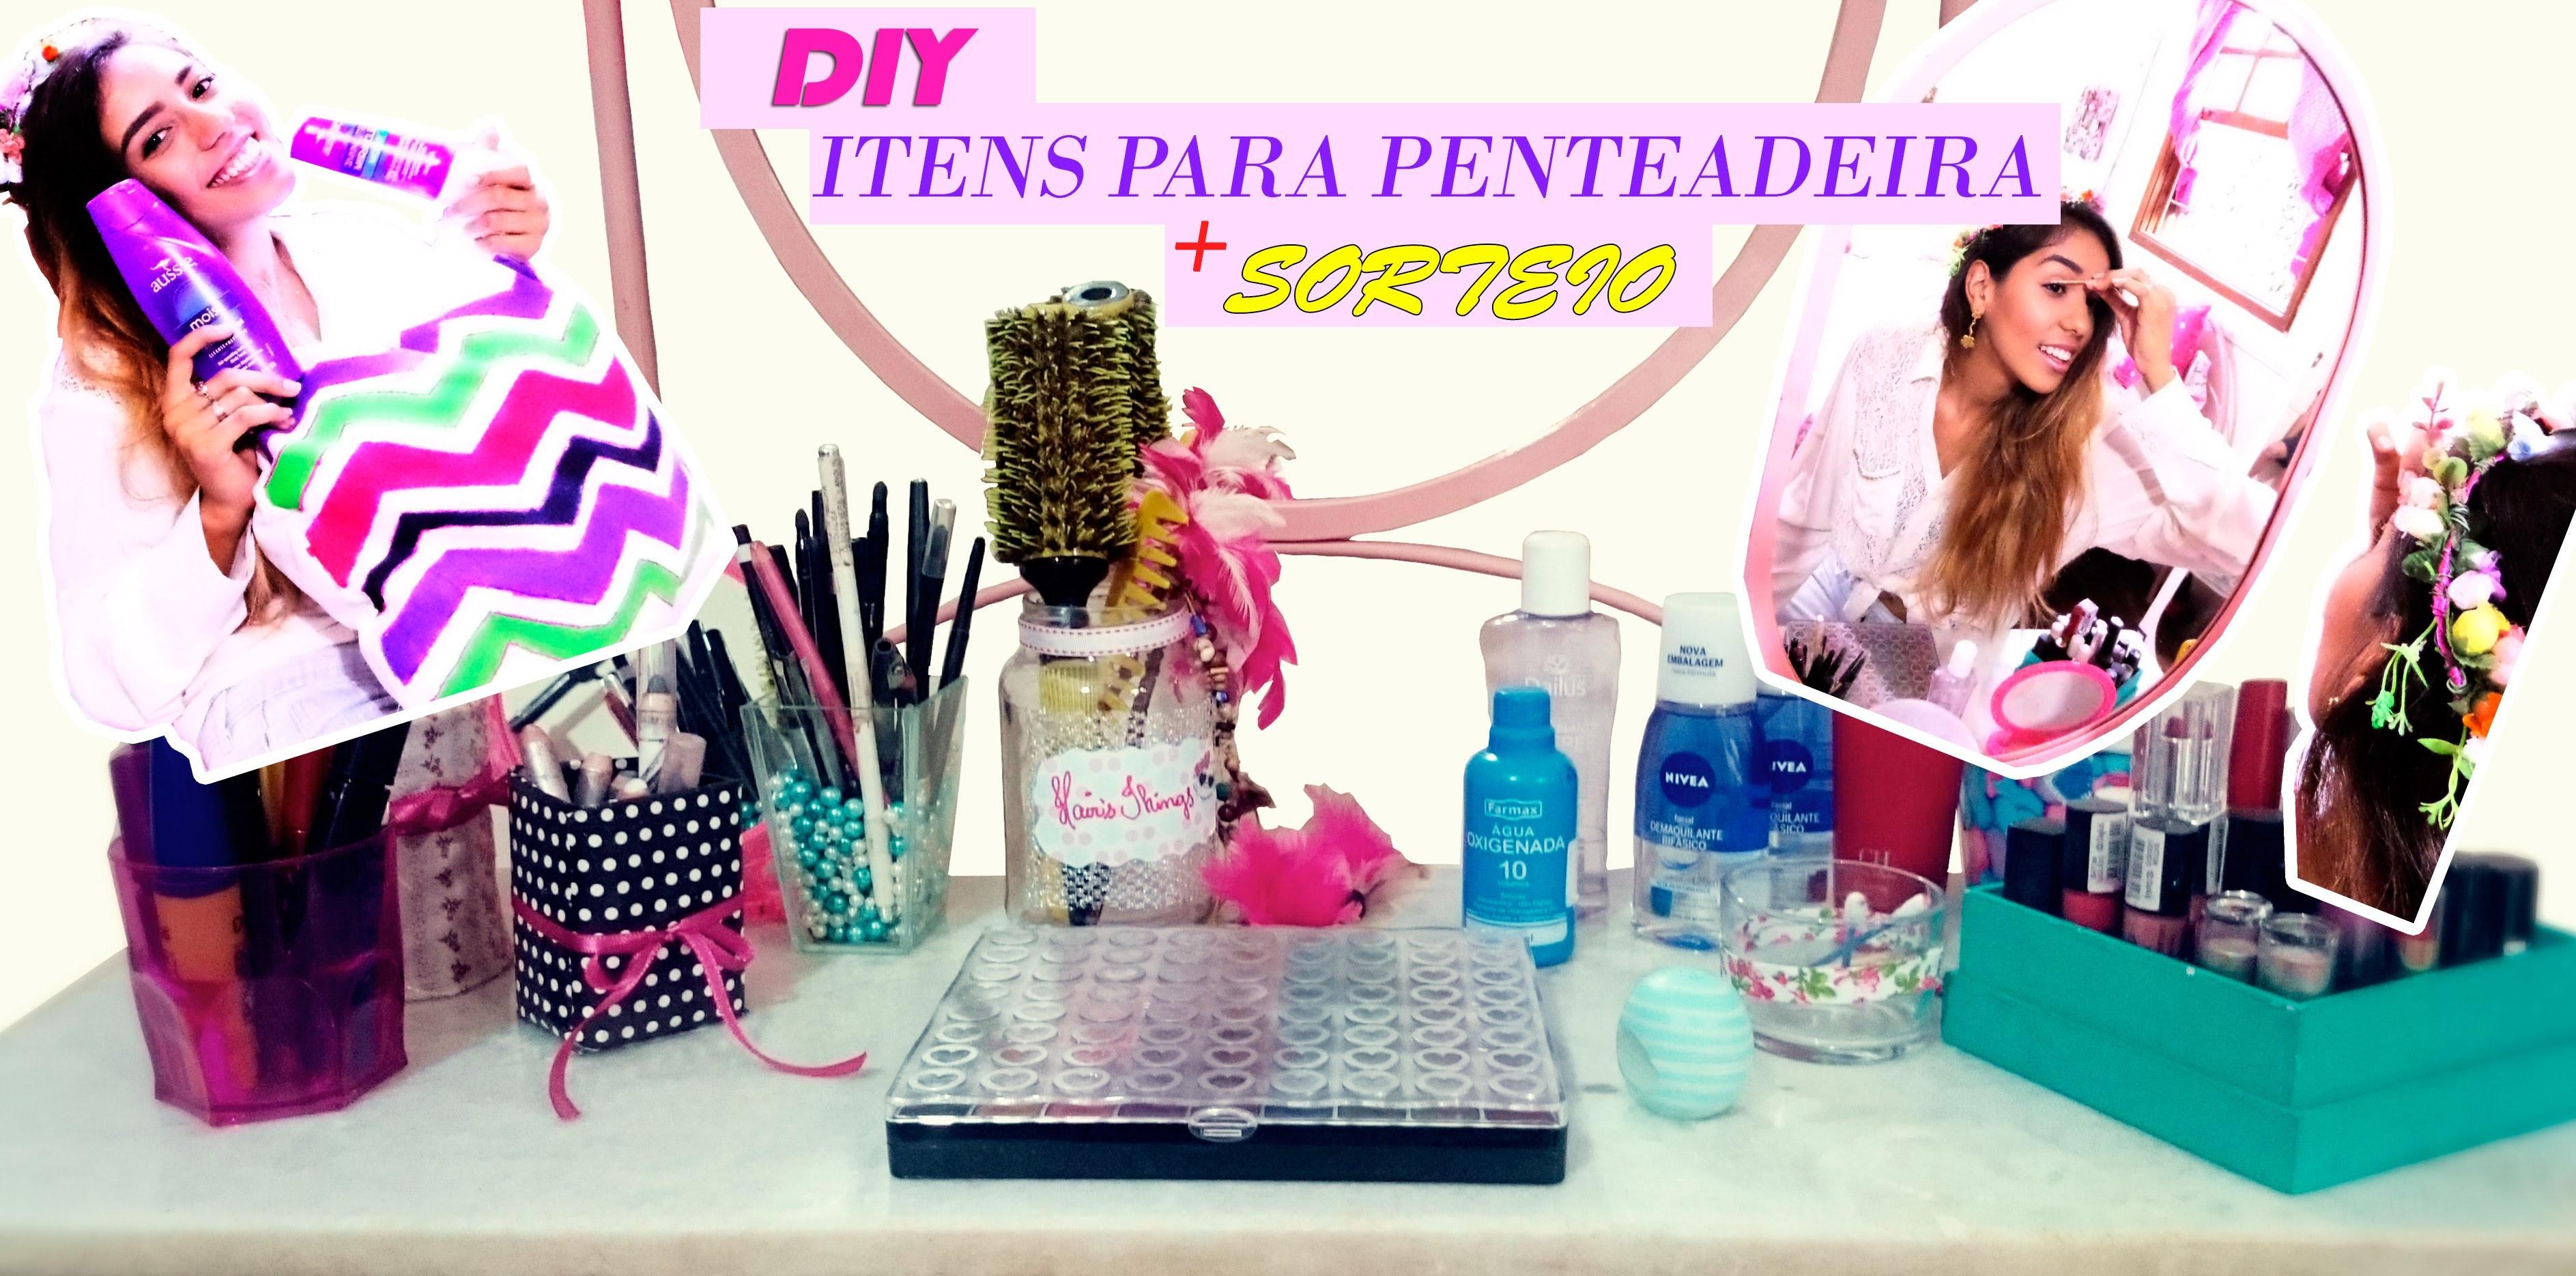 DIY-Dicas+itens p. organizar a penteadeira e agilizar a make+SORTEIOS|Spring Room Decor|LetíciaDIY